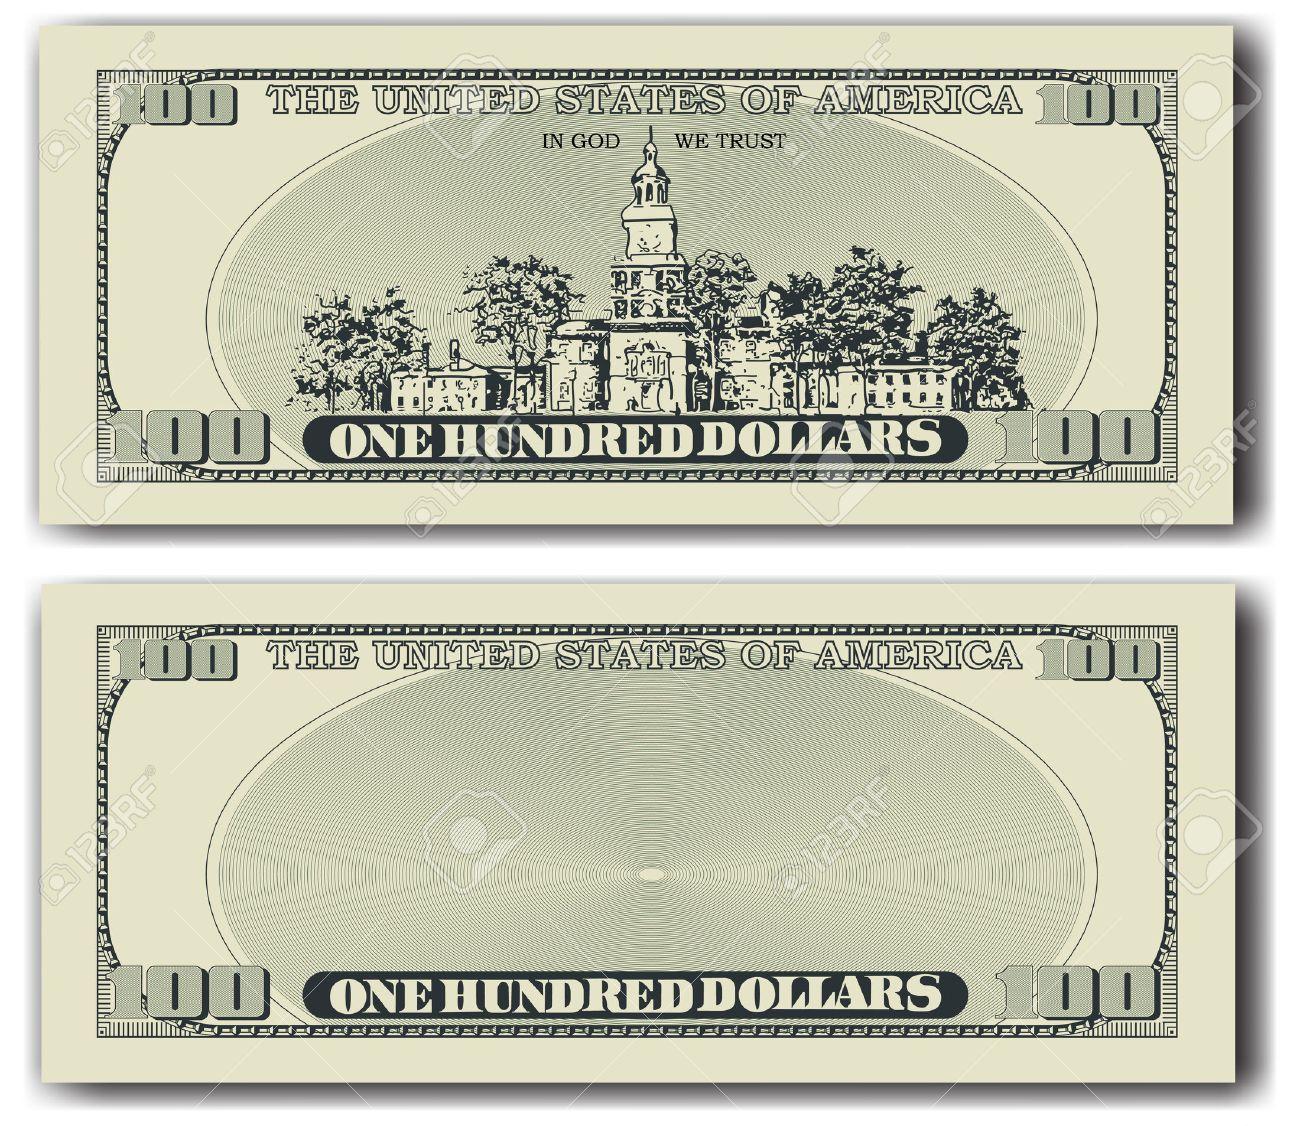 100 dollar bill other side - 58040074